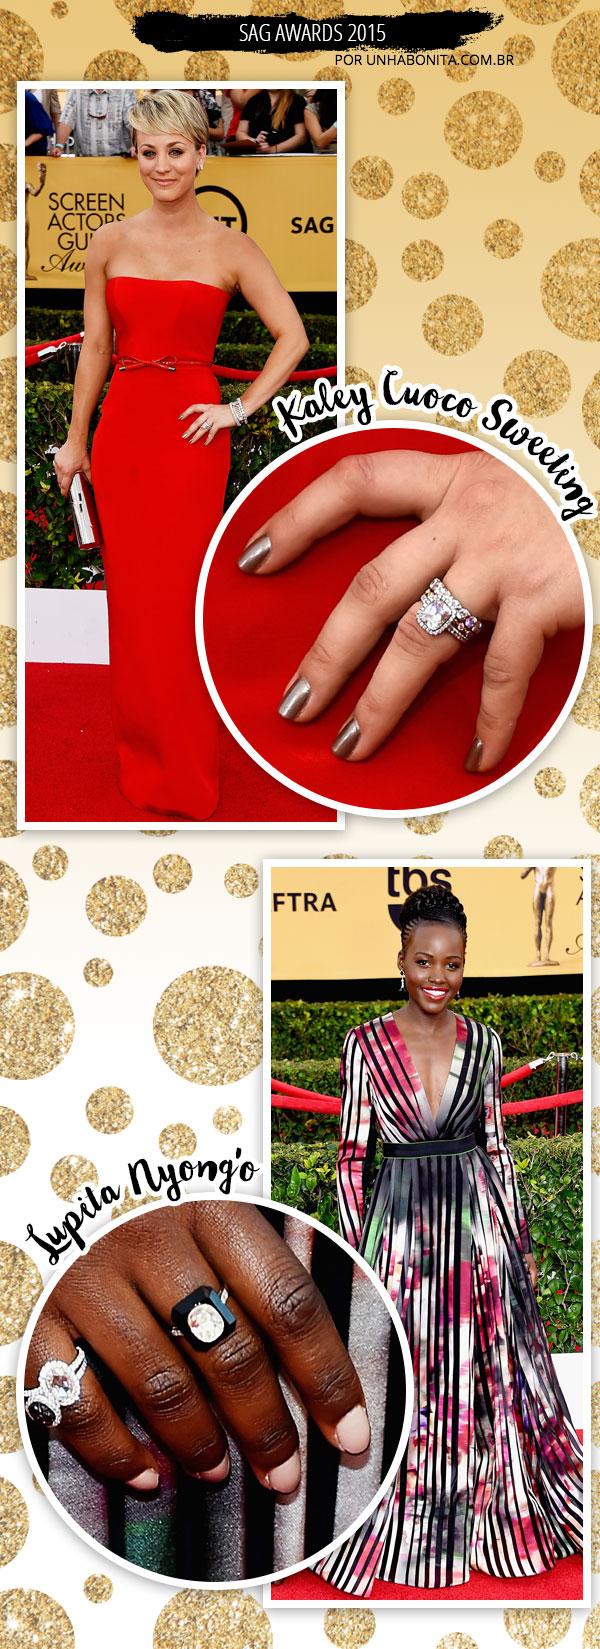 3sag-awards-manicure-unhas-esmaltes-2015